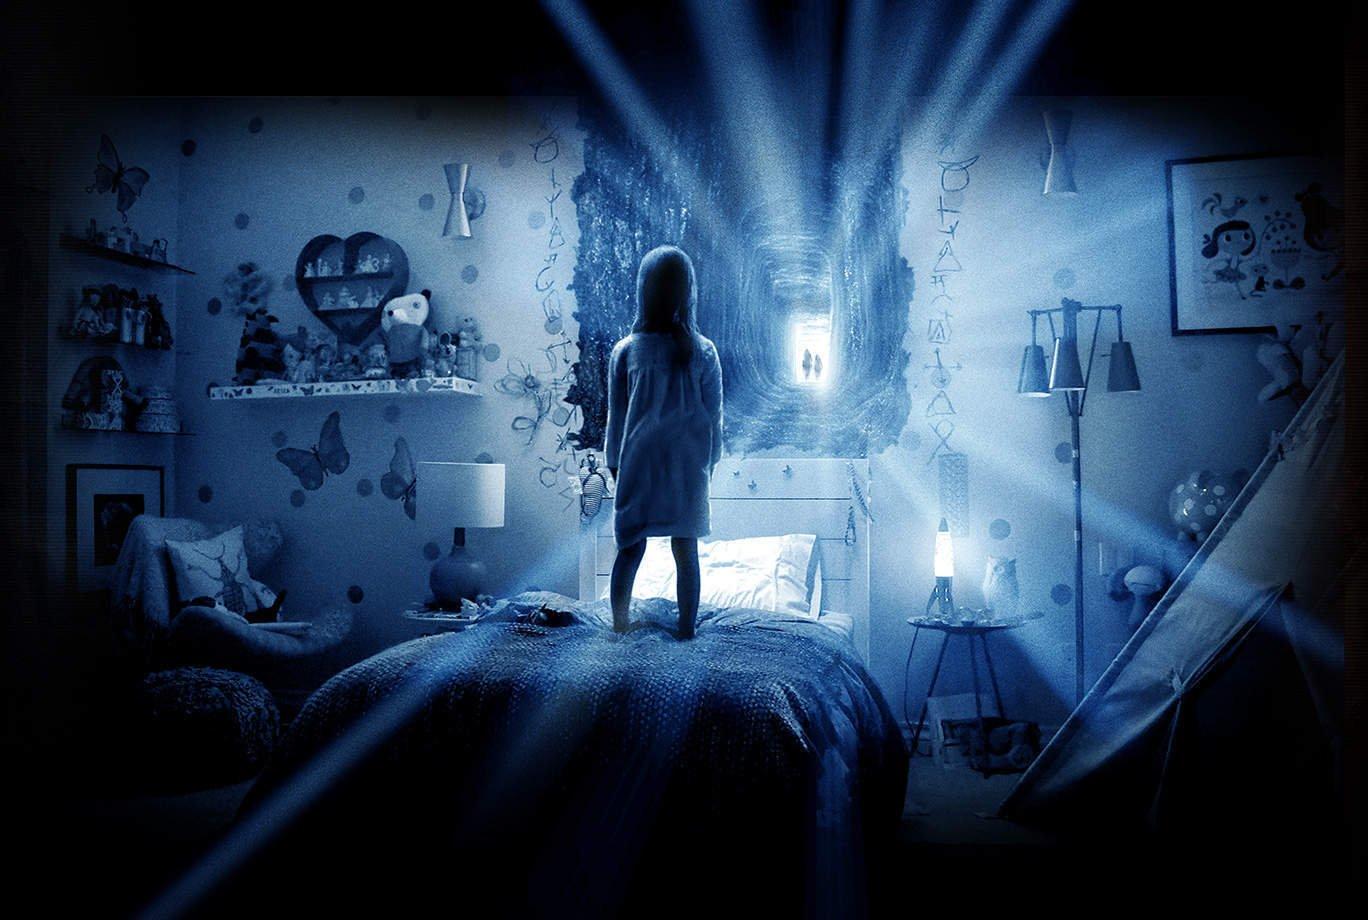 Atividade Paranormal vai ganhar sétimo filme | Pipoca Moderna